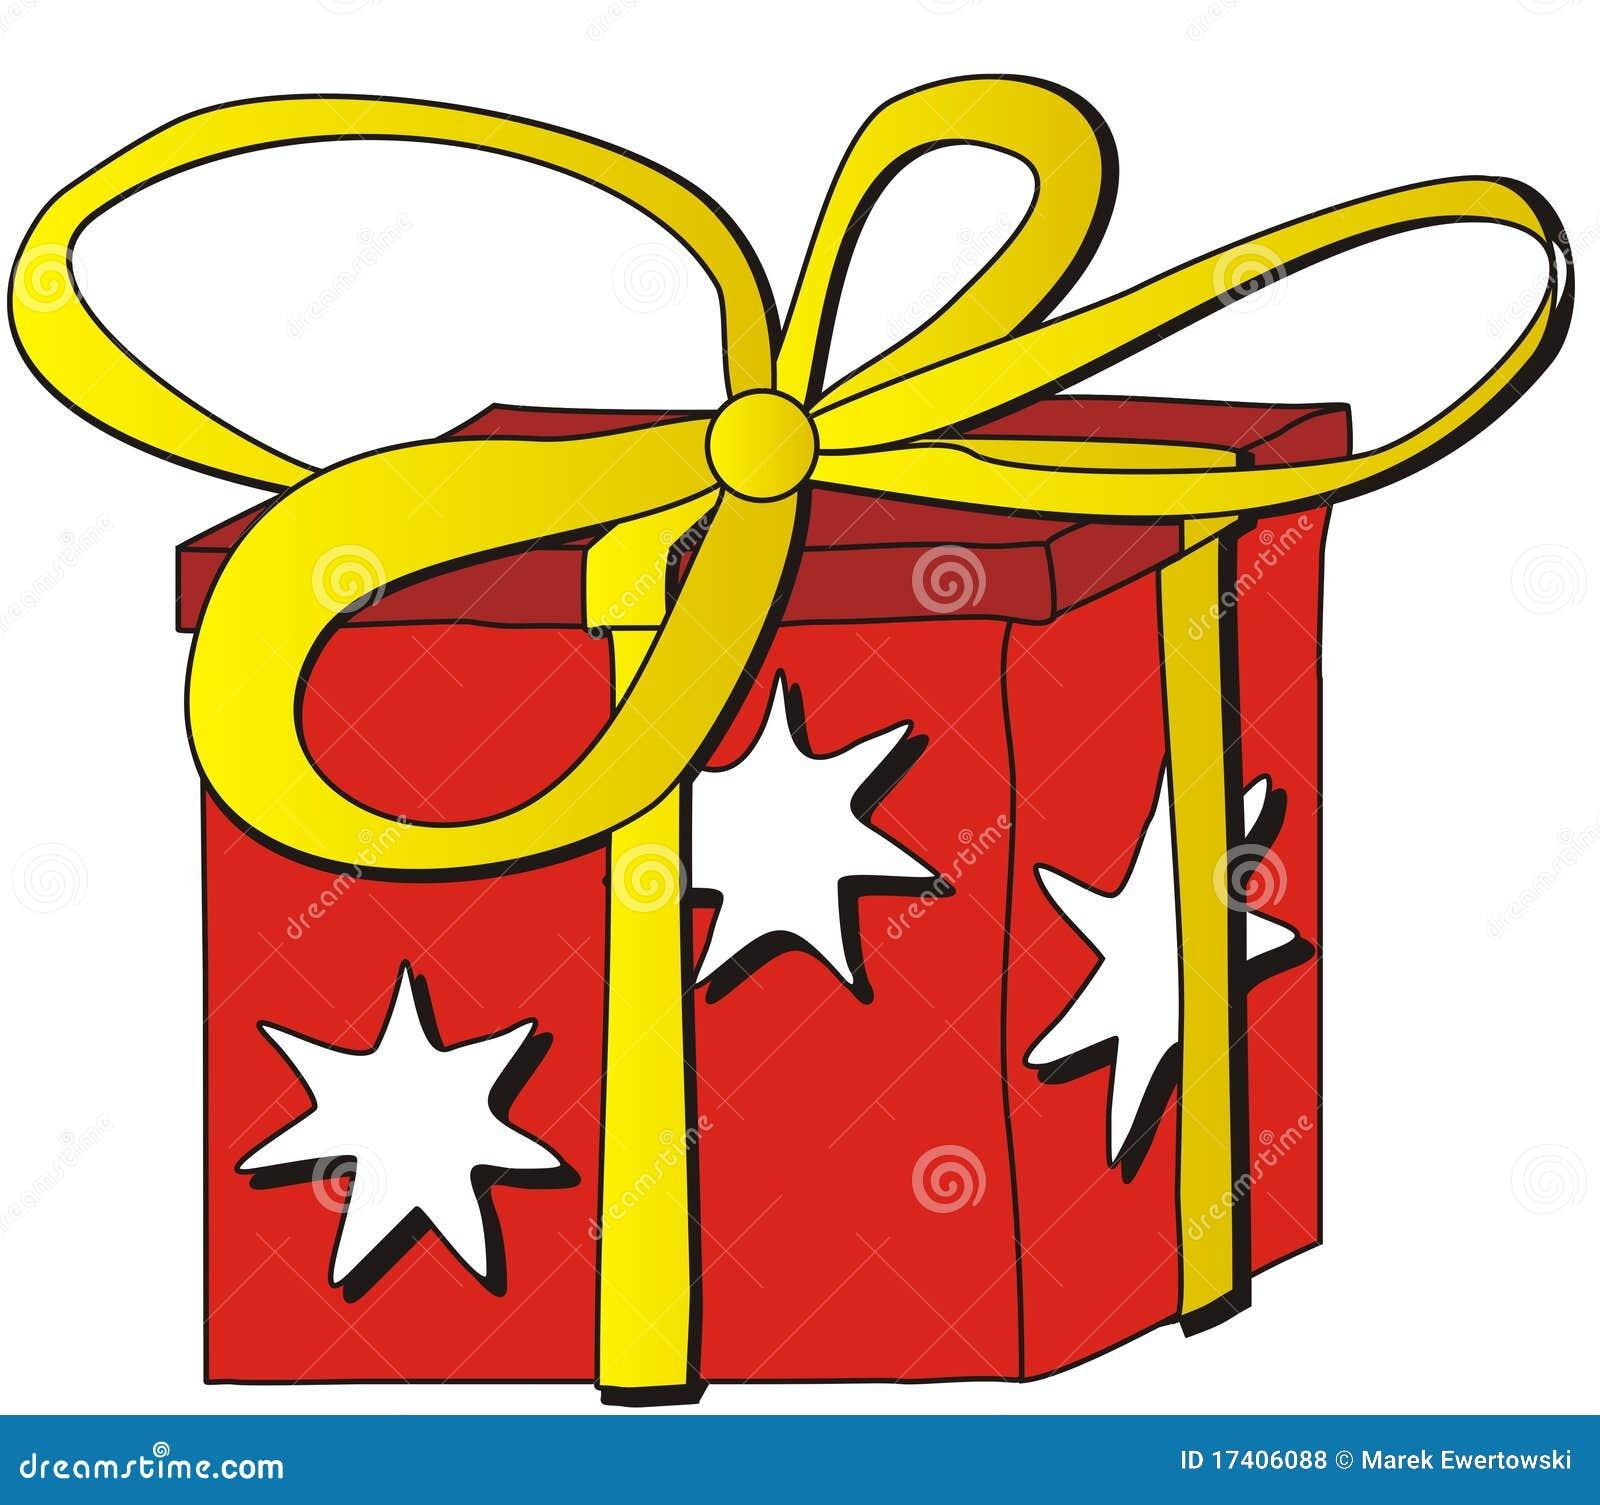 Dessin anim de cadeau photos libres de droits image - Dessins cadeaux ...